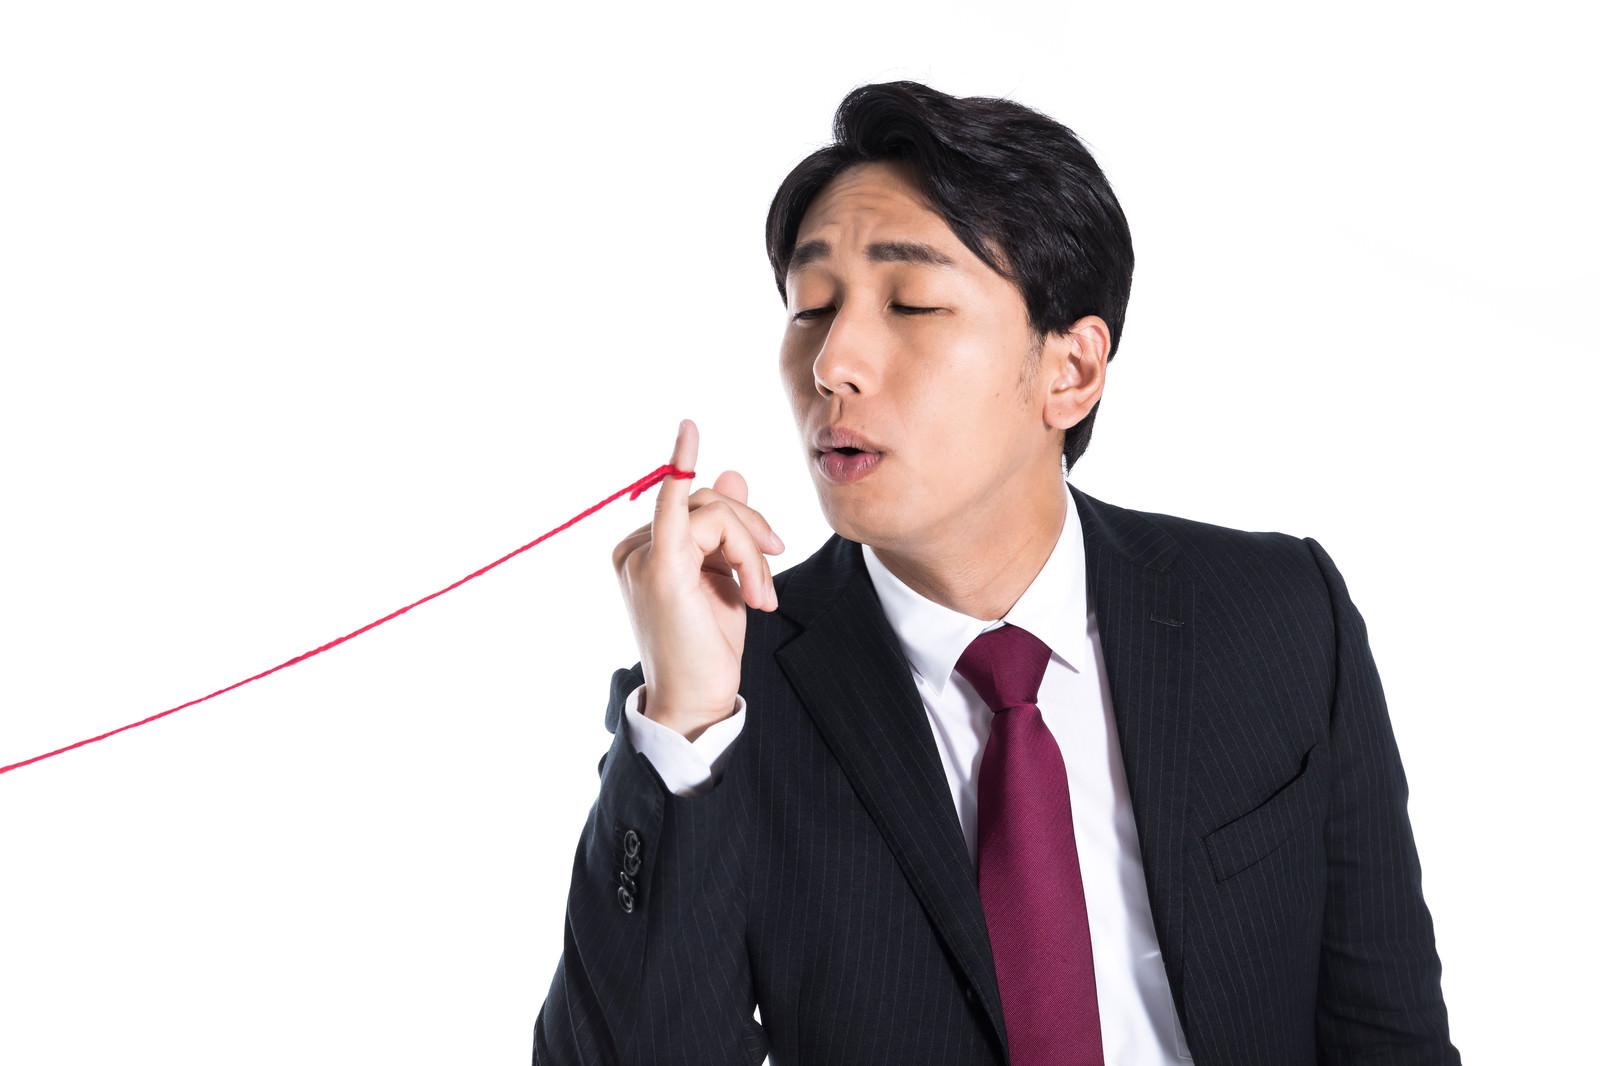 「私はこれで会社を辞めました」の写真[モデル:大川竜弥]